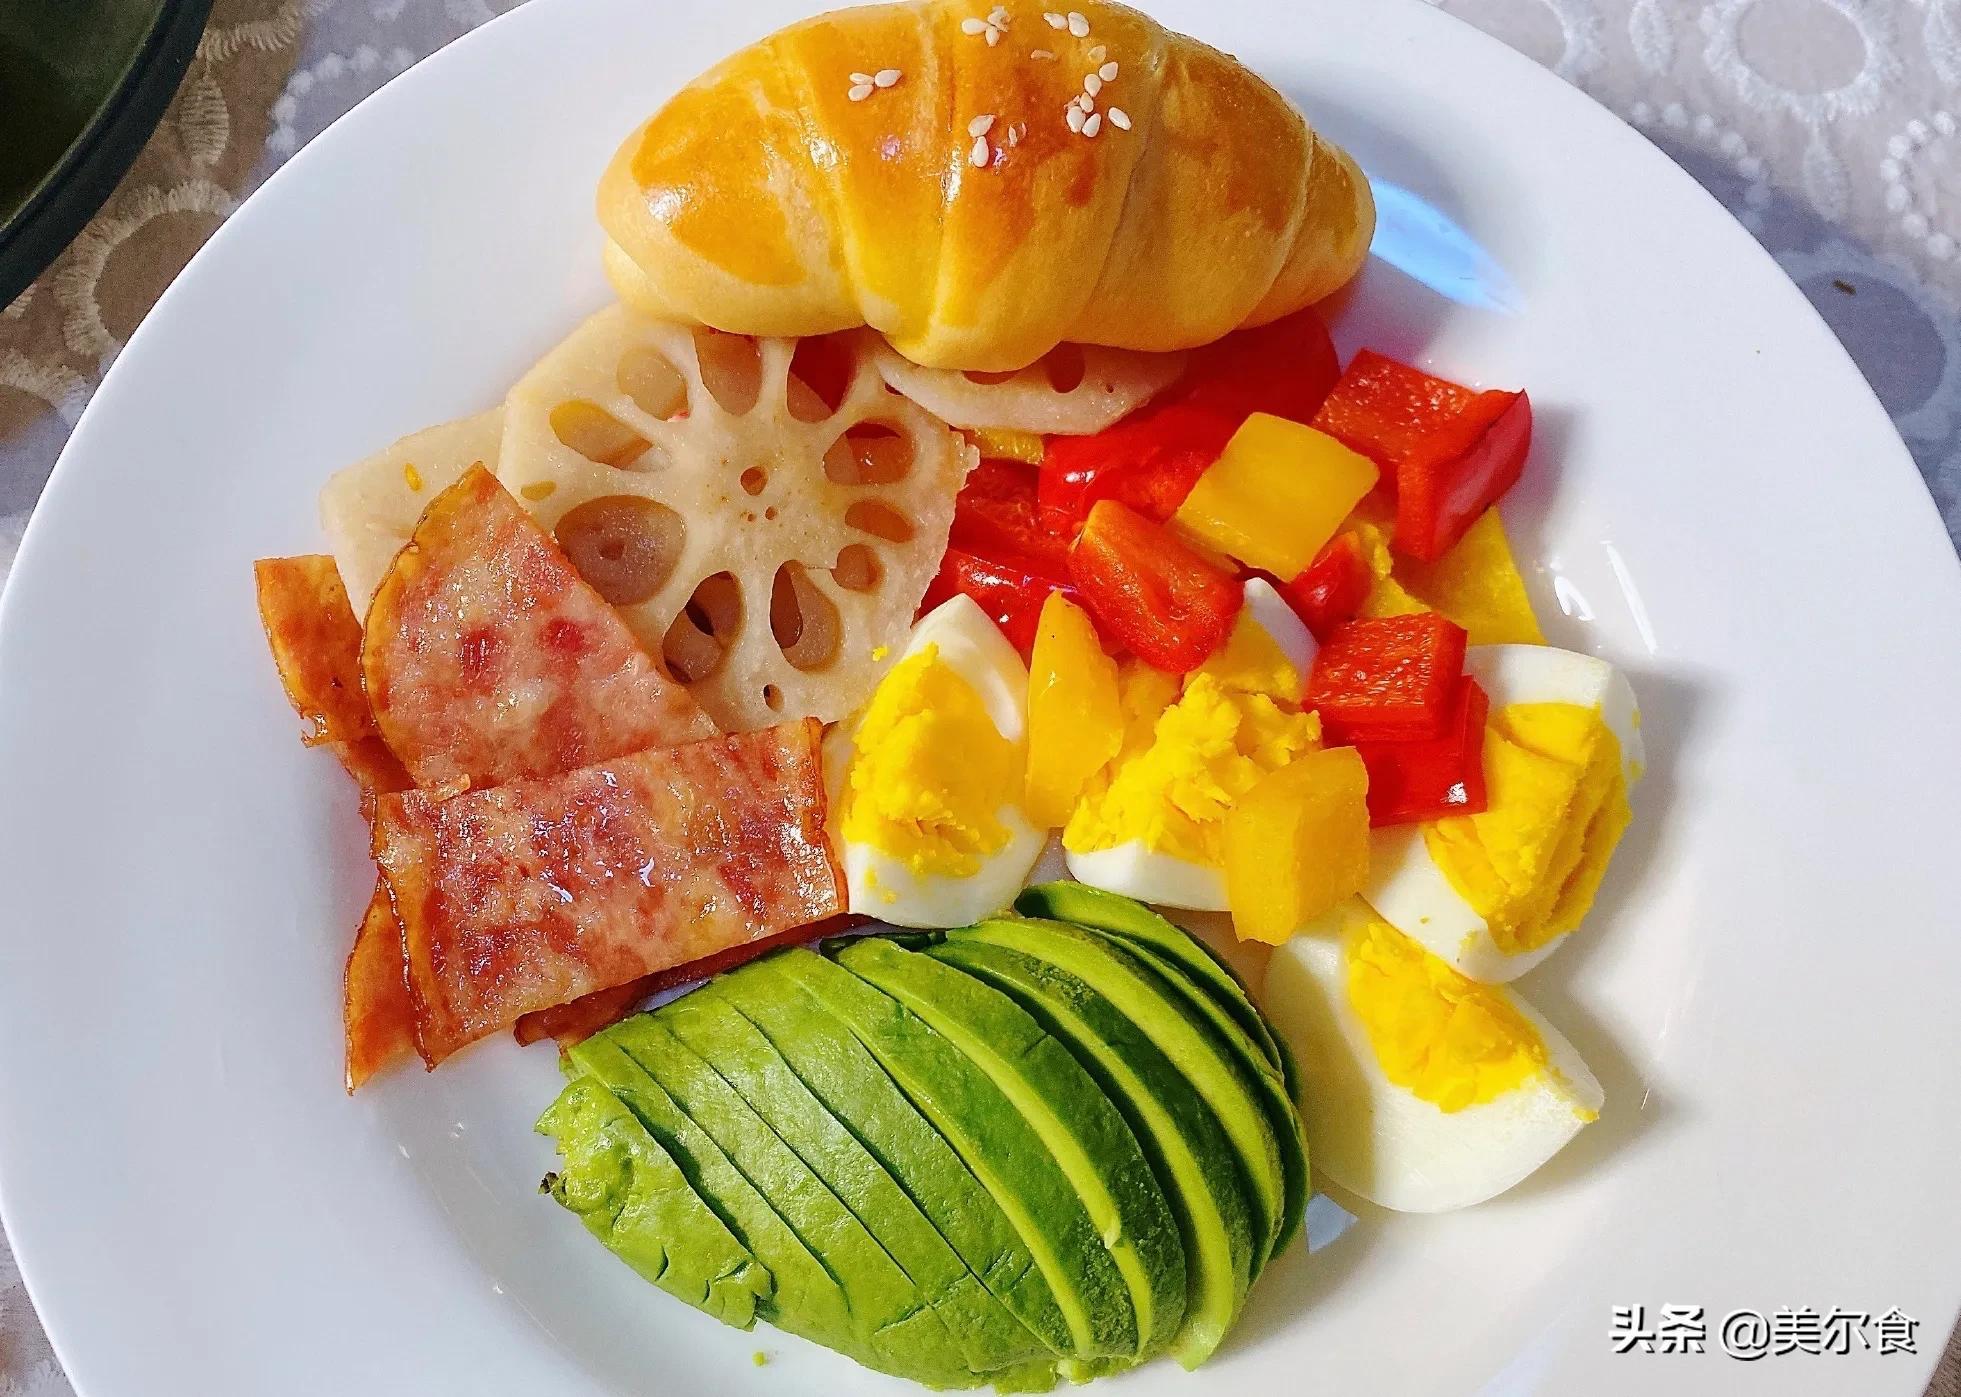 开学季,小学生的早餐,一周7天不重样,早餐别将就 早餐 第6张